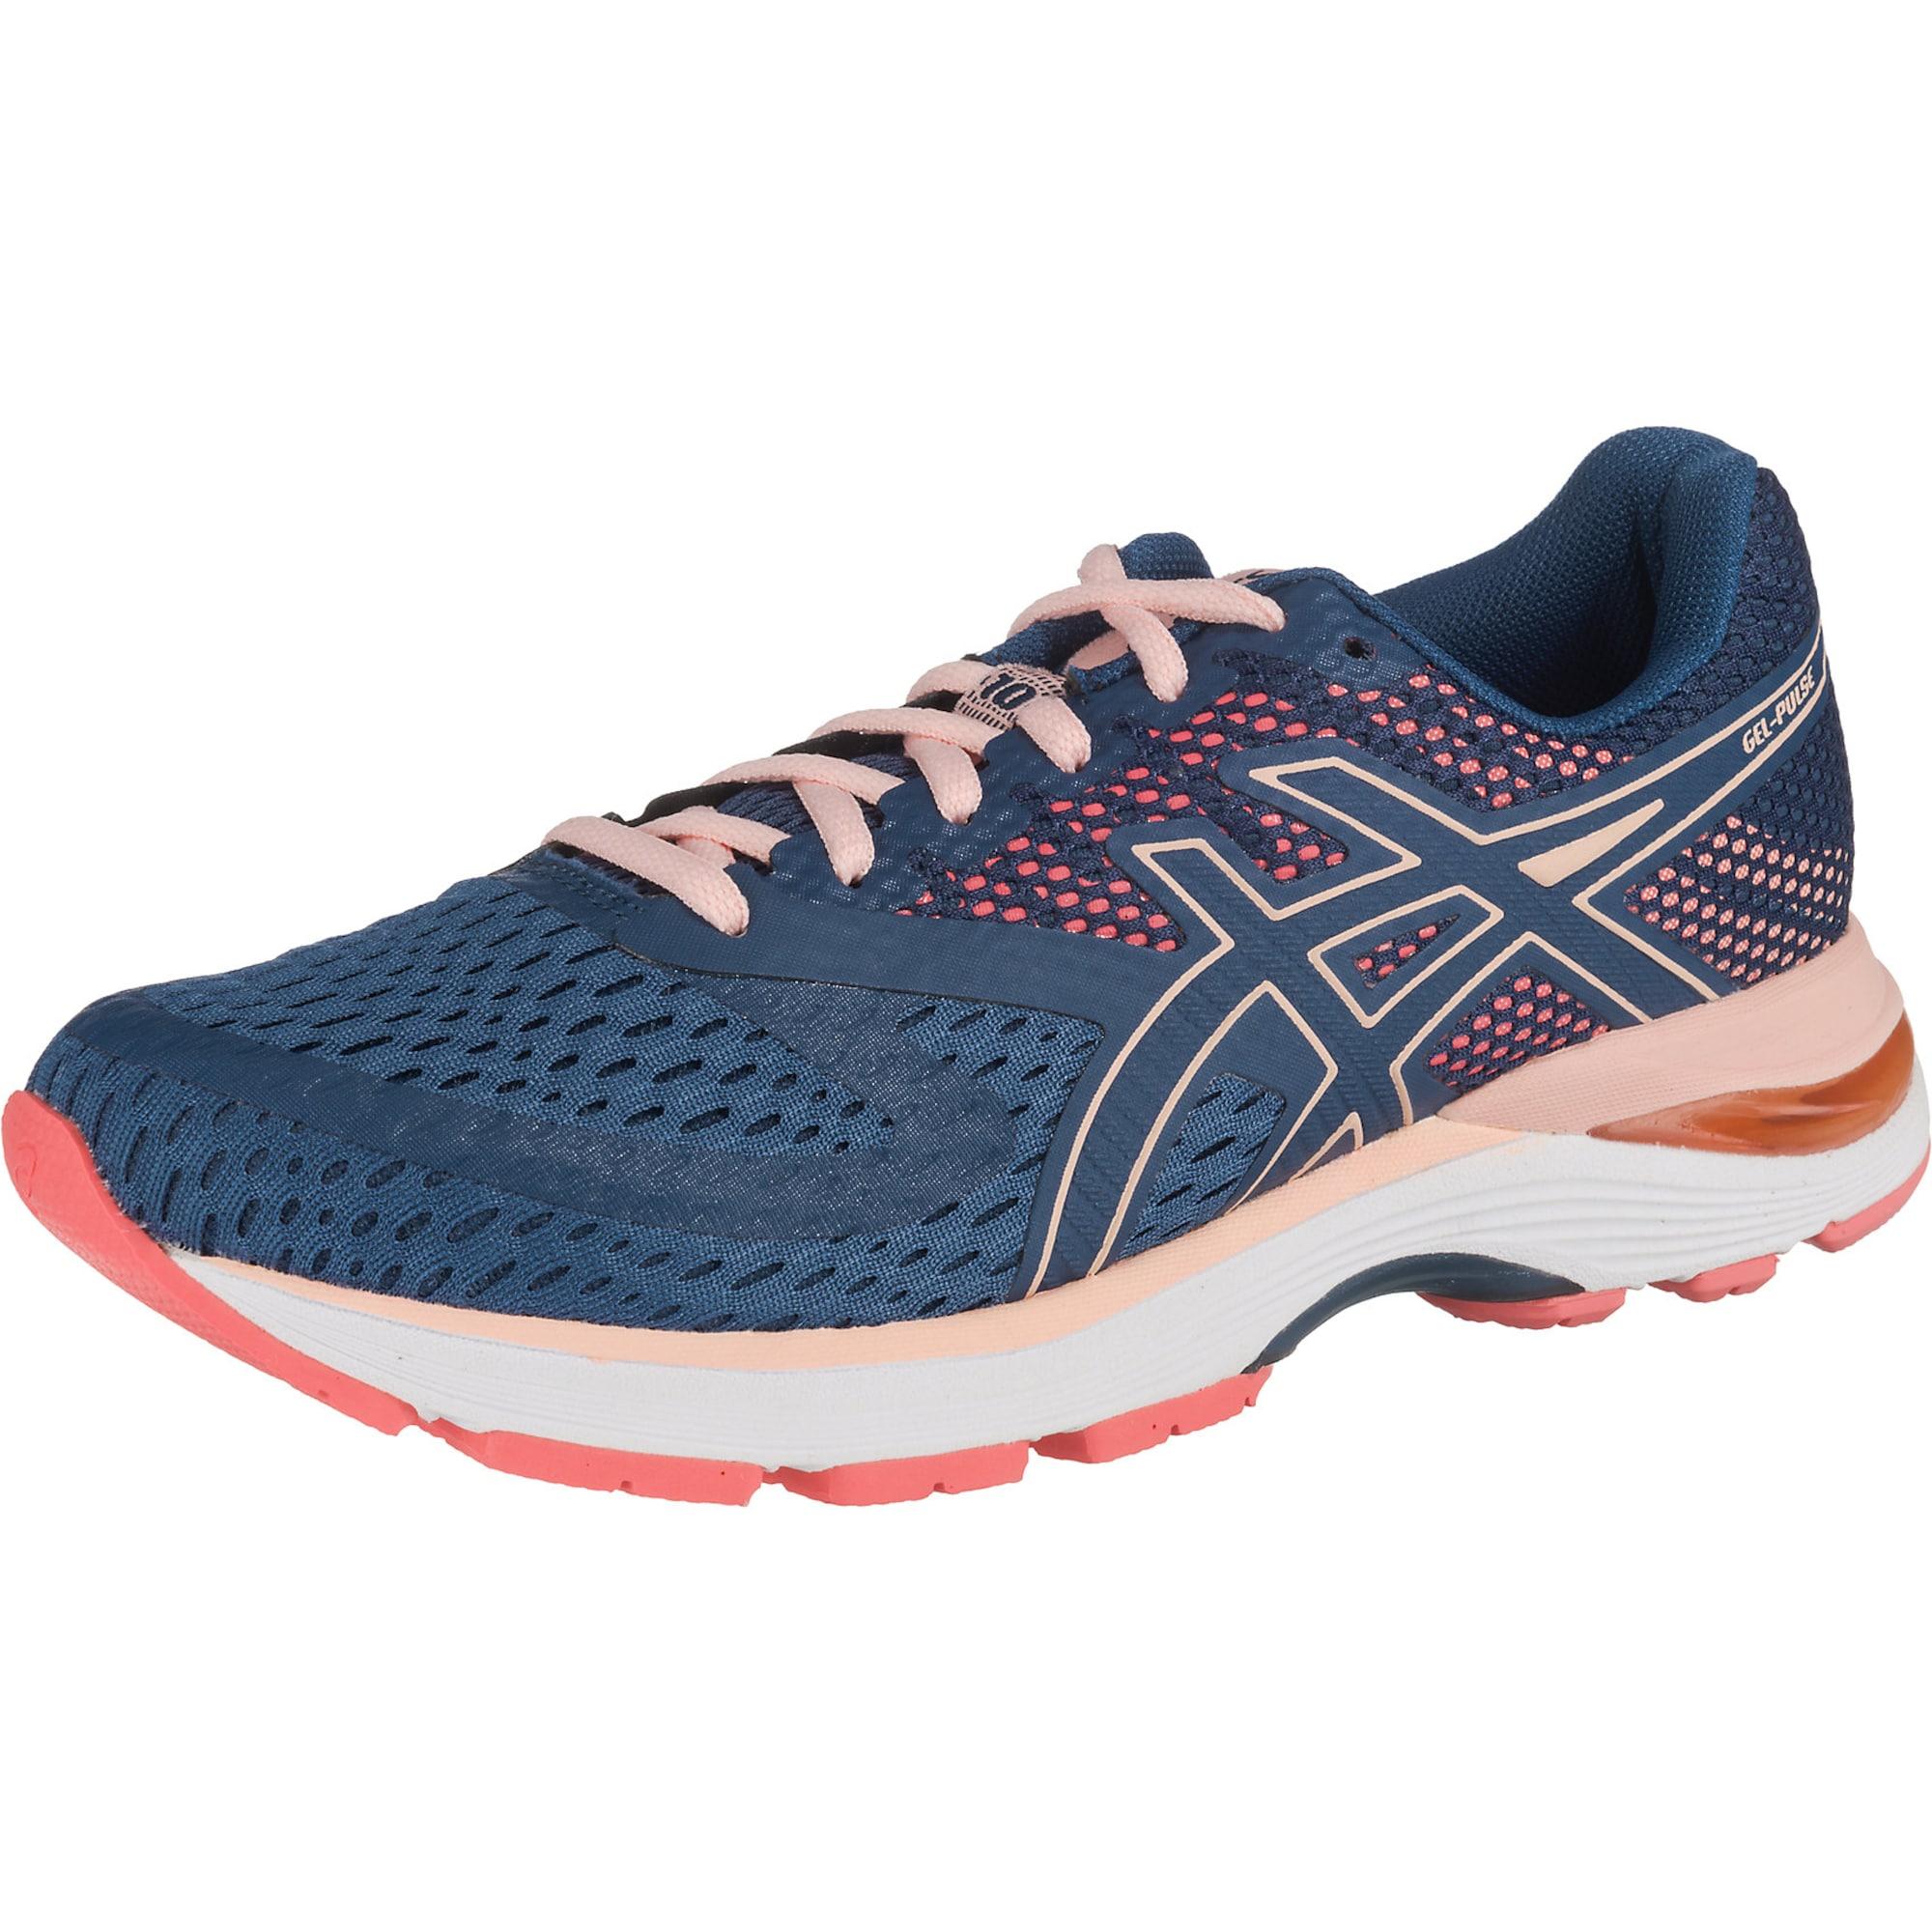 Laufschuh 'Gel-Pulse 10' | Schuhe > Sportschuhe > Laufschuhe | Dunkelblau - Rosa - Weiß | ASICS